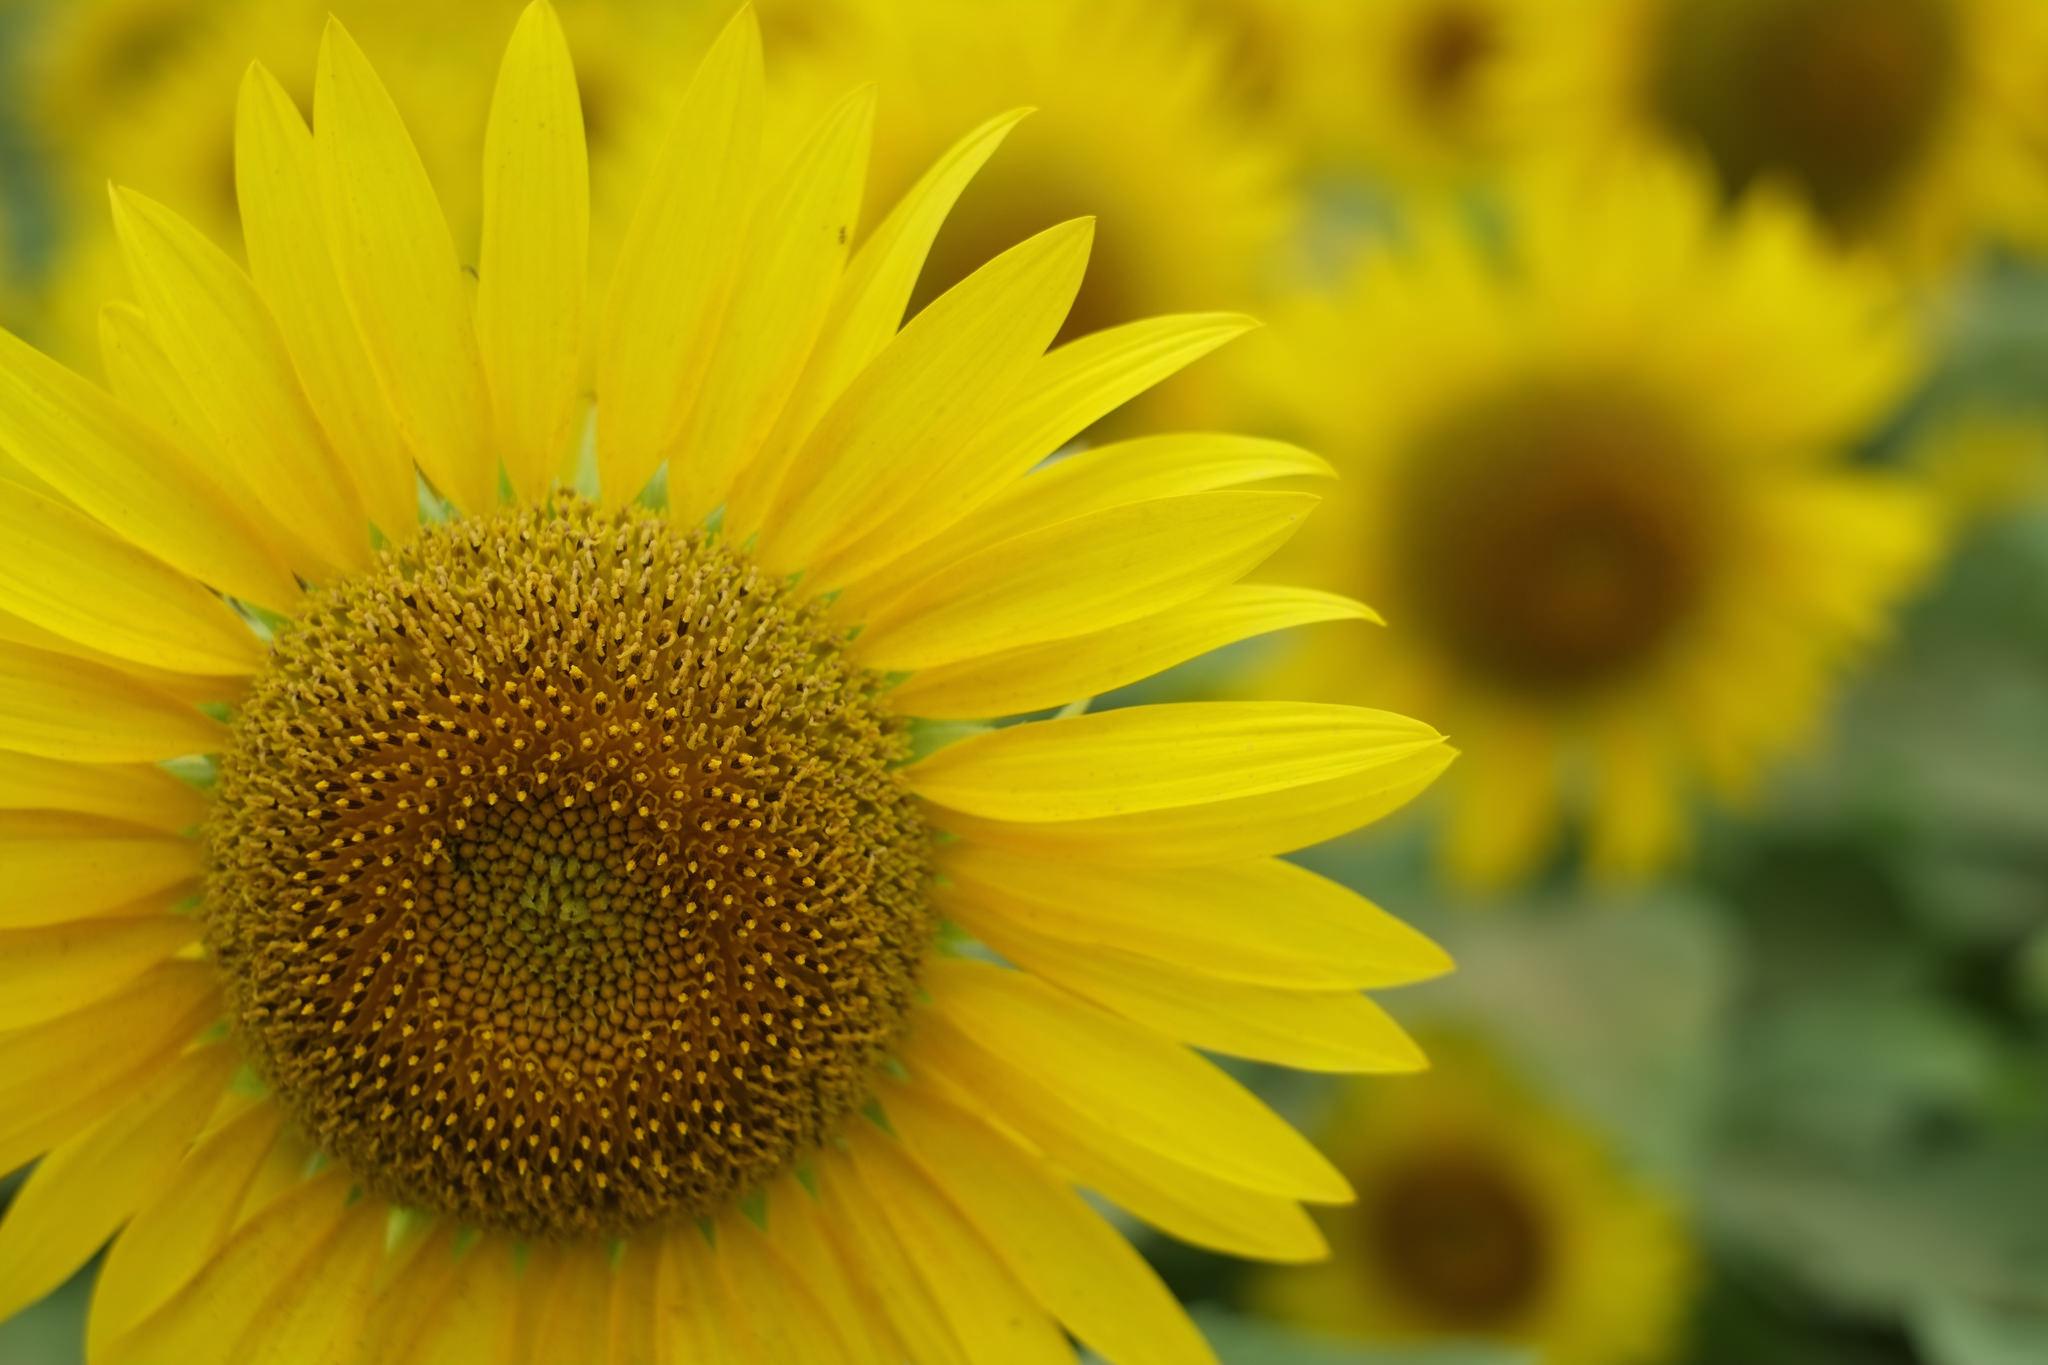 Gespeichertes Sonnenlicht in der Sonnenblume, Foto (C) Zengame / flickr